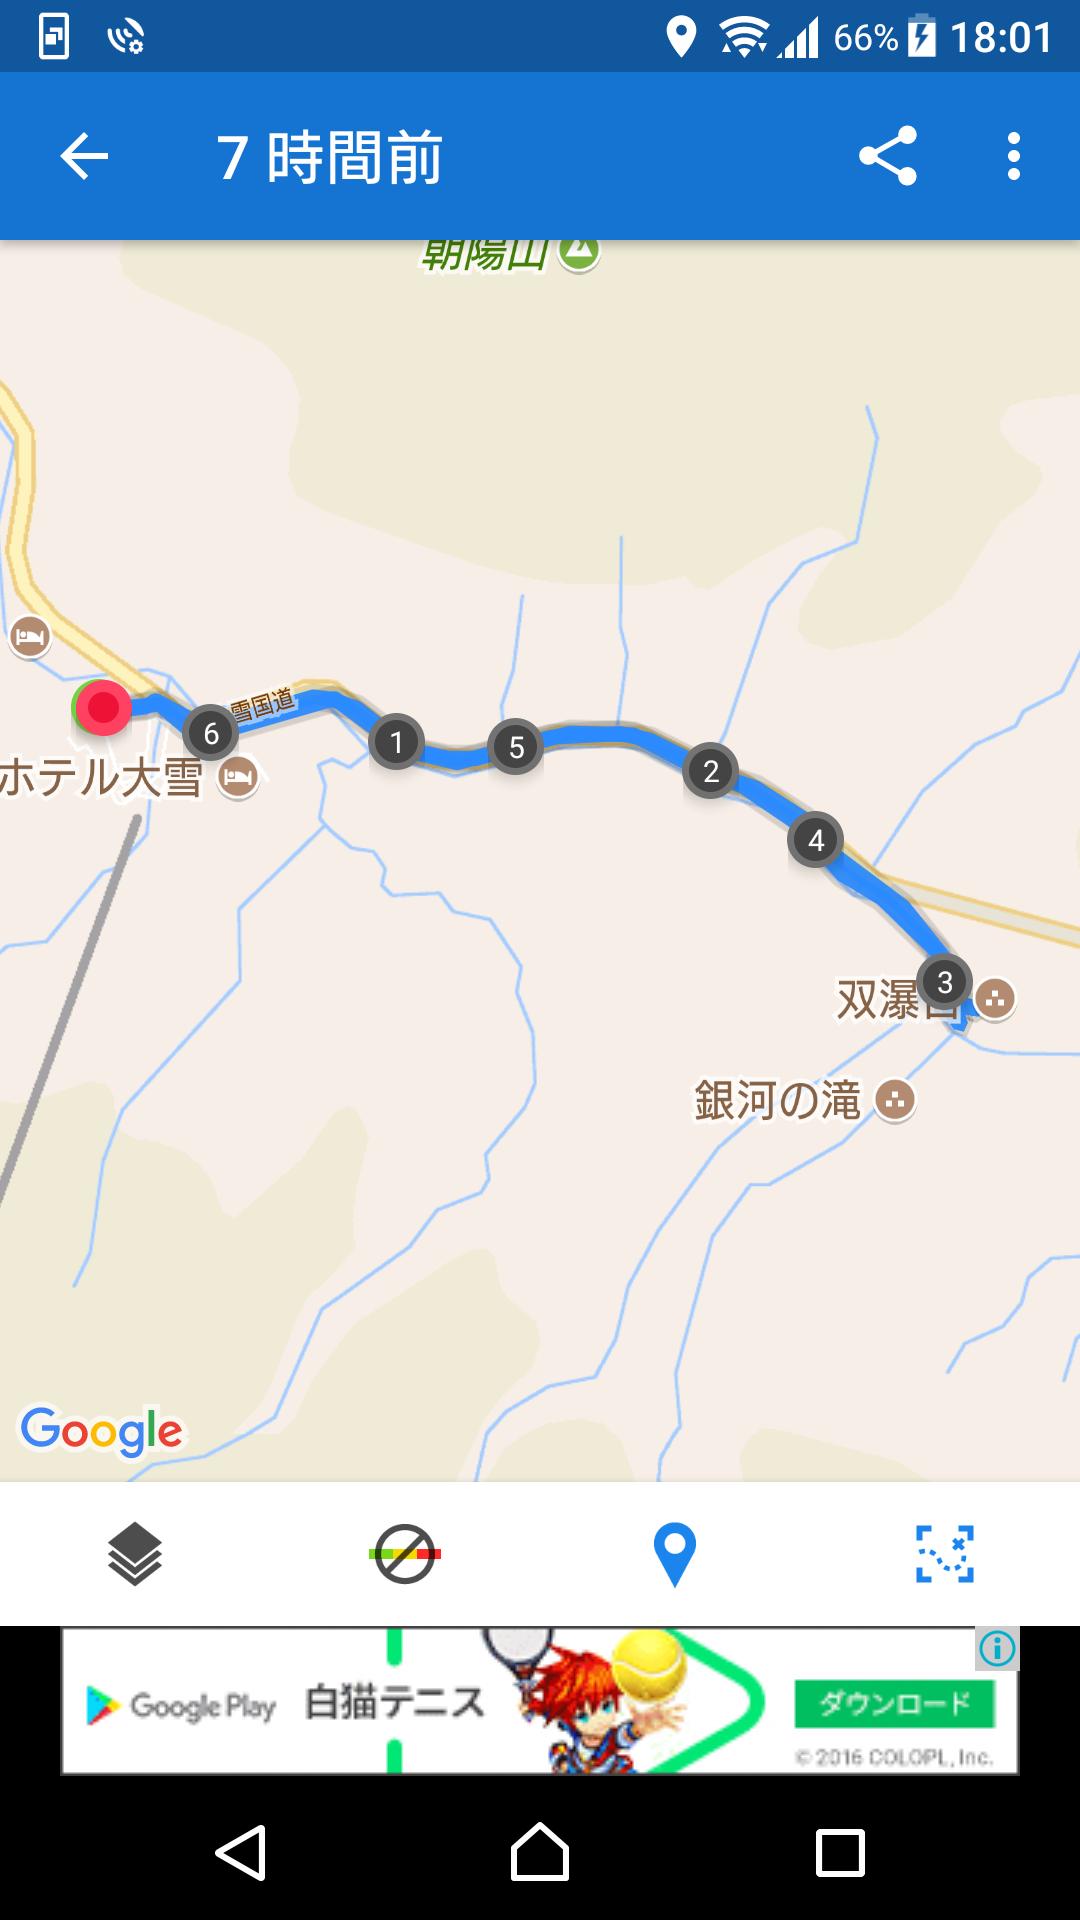 f:id:ynakayama27:20170623180859p:plain